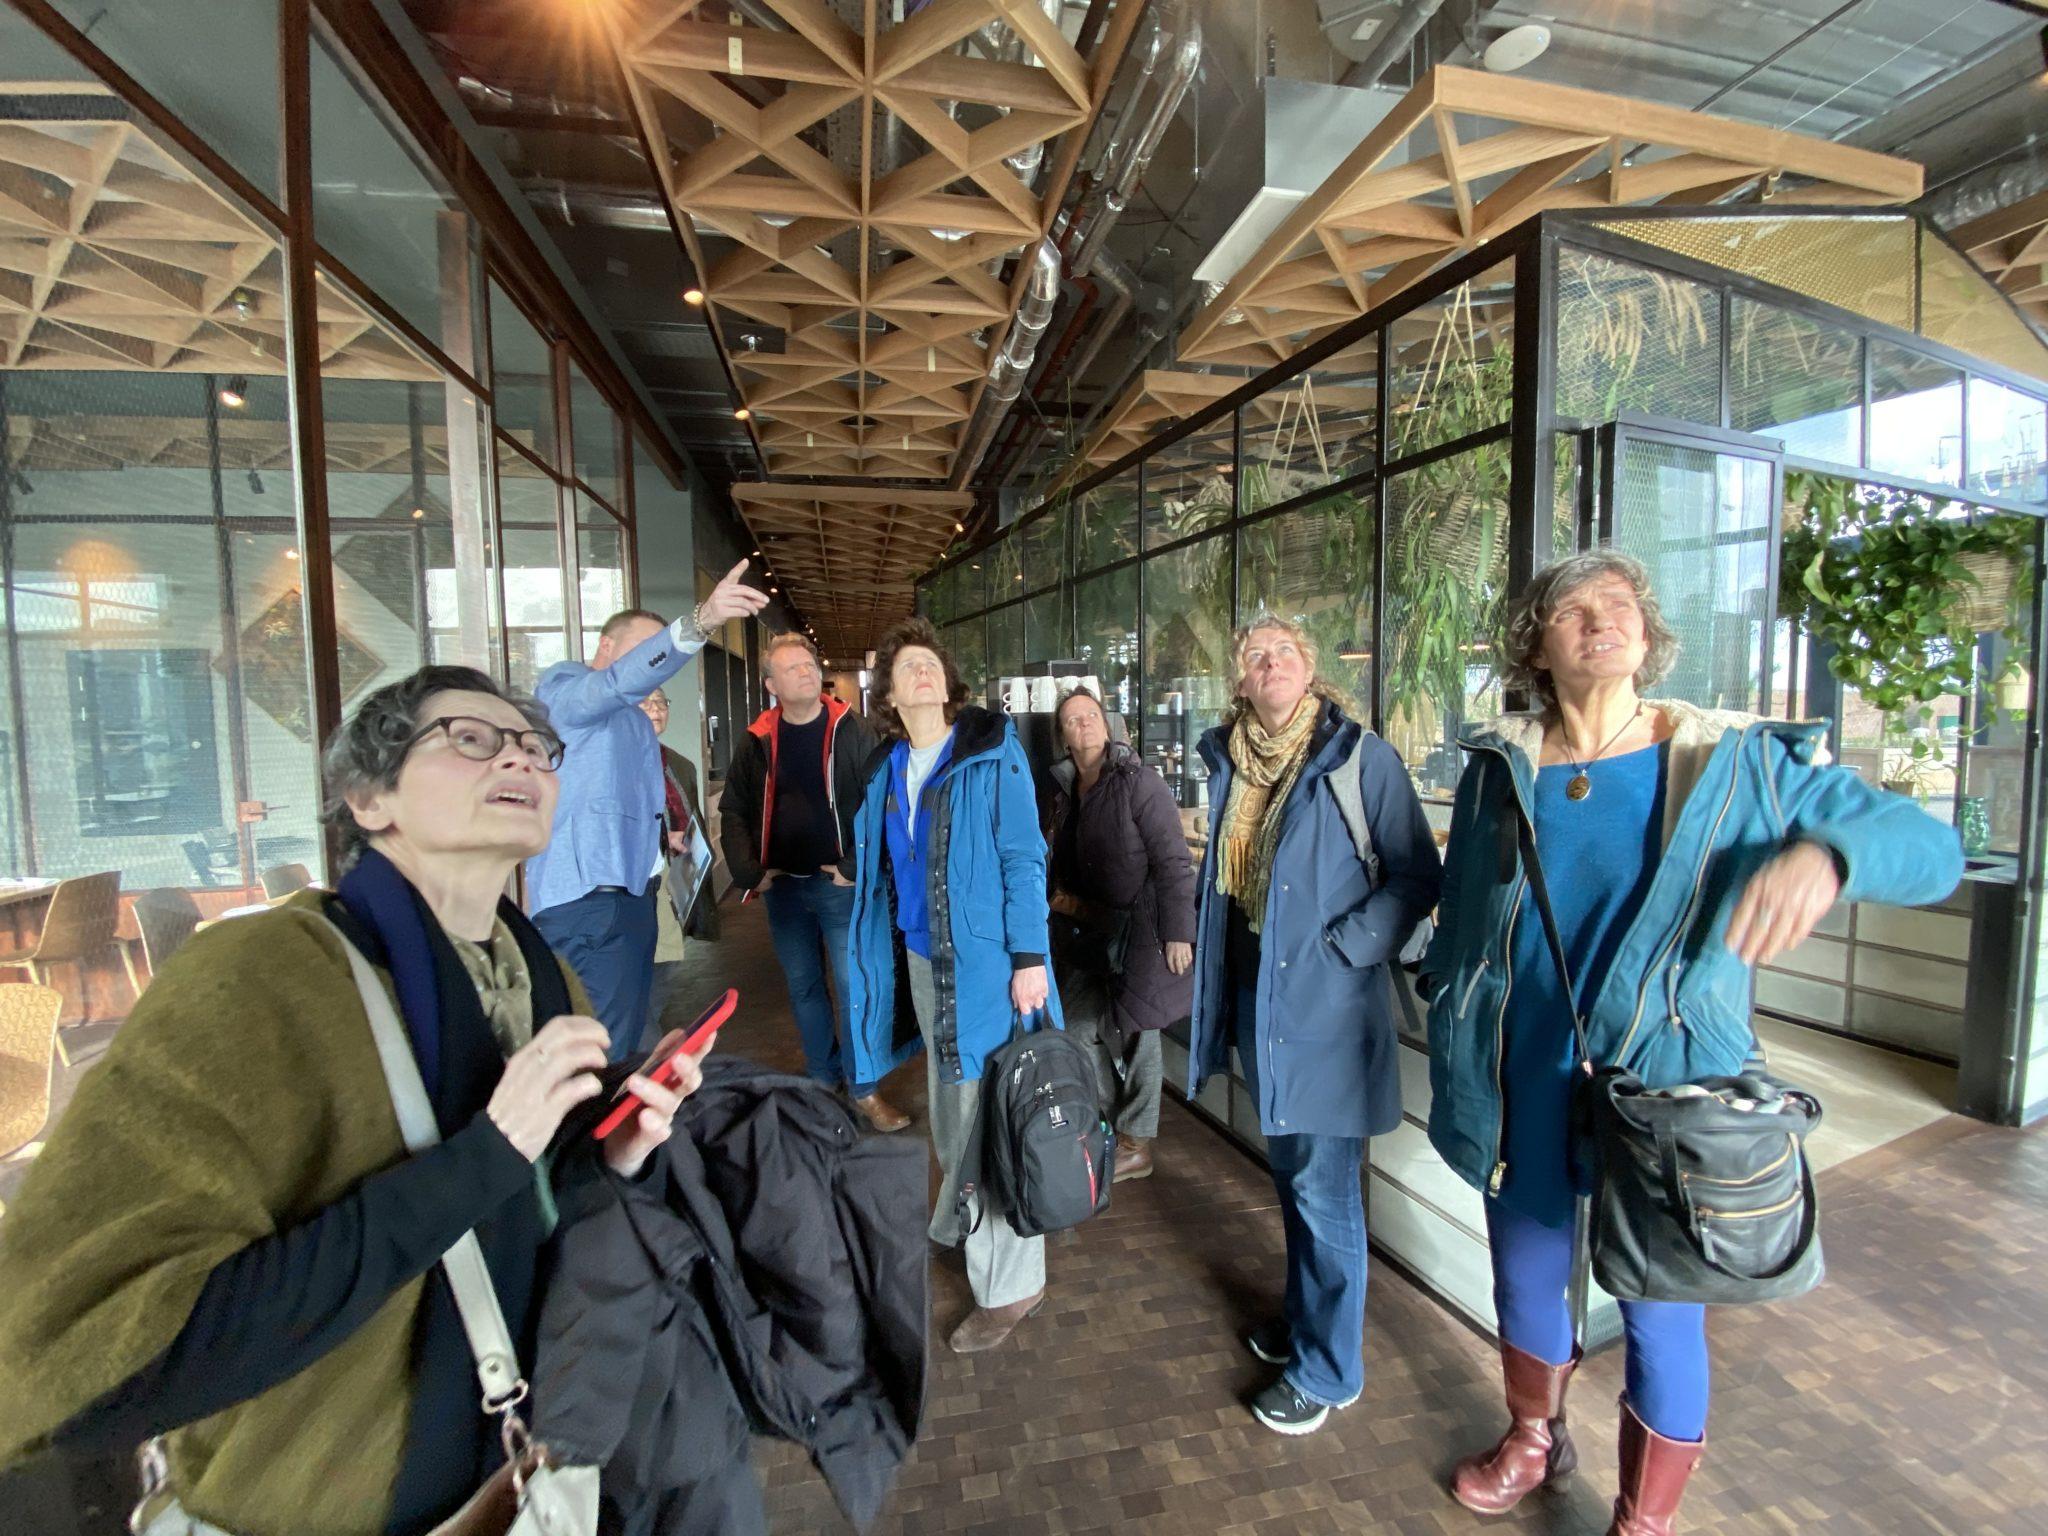 Stroomleden op excursie voor inspiratie over duurzaam bouwen bij hotel Breeze